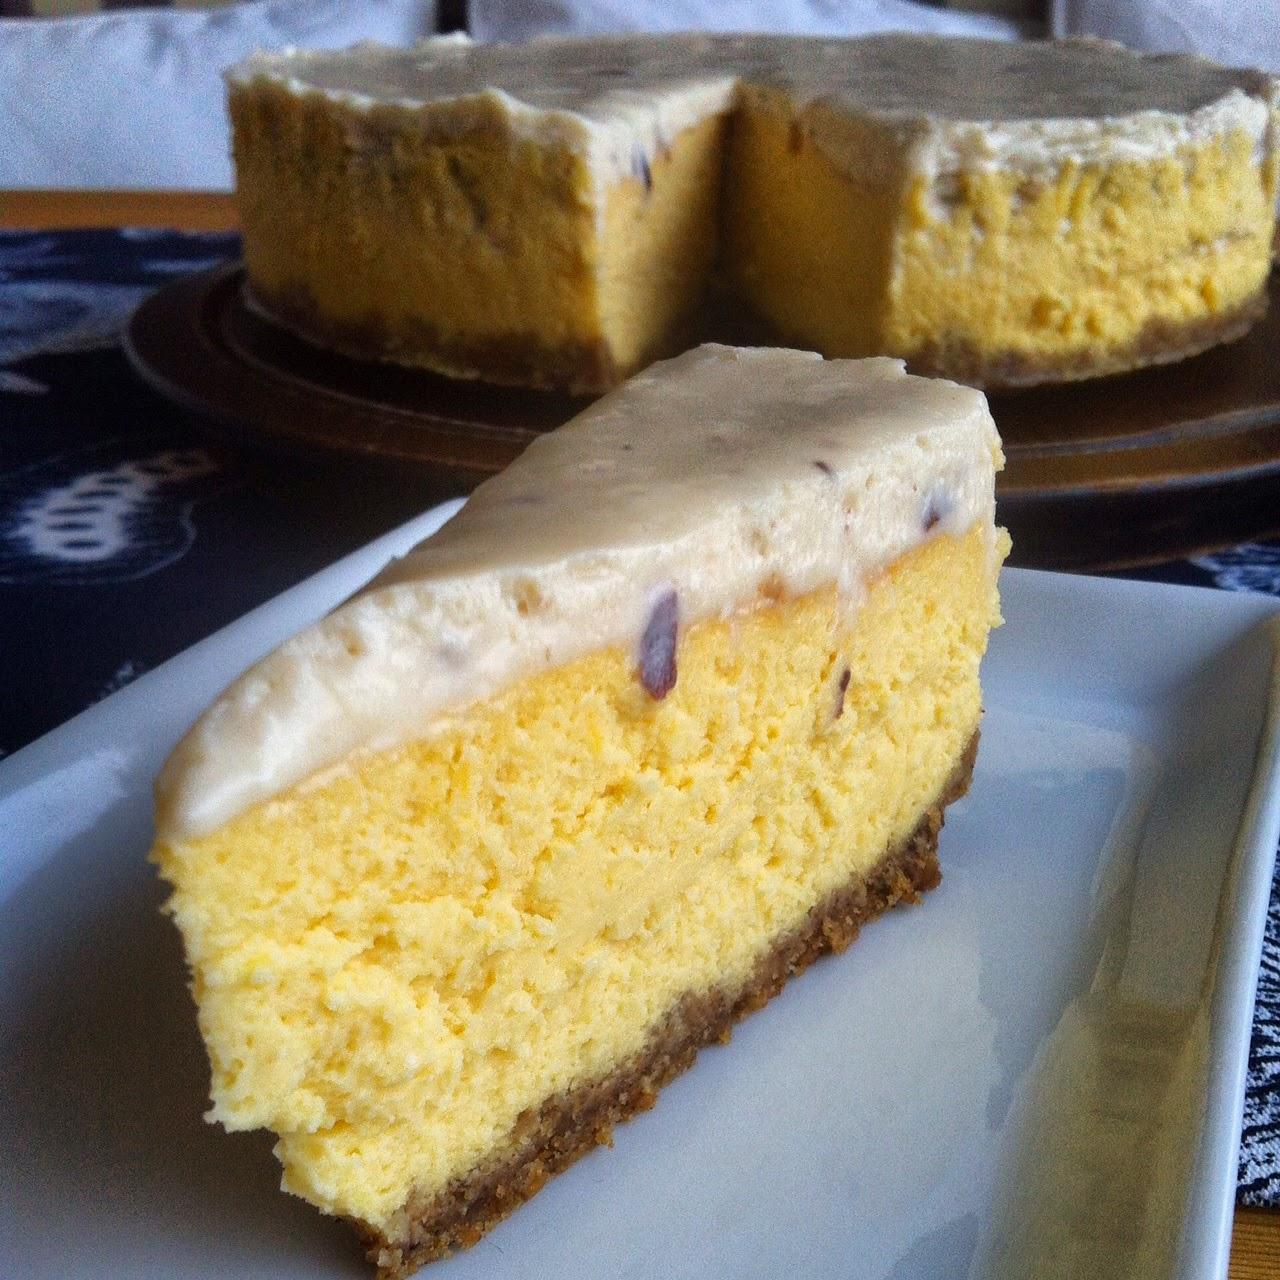 Beyaz Çikolata Soslu, Balkabaklı Cheesecake